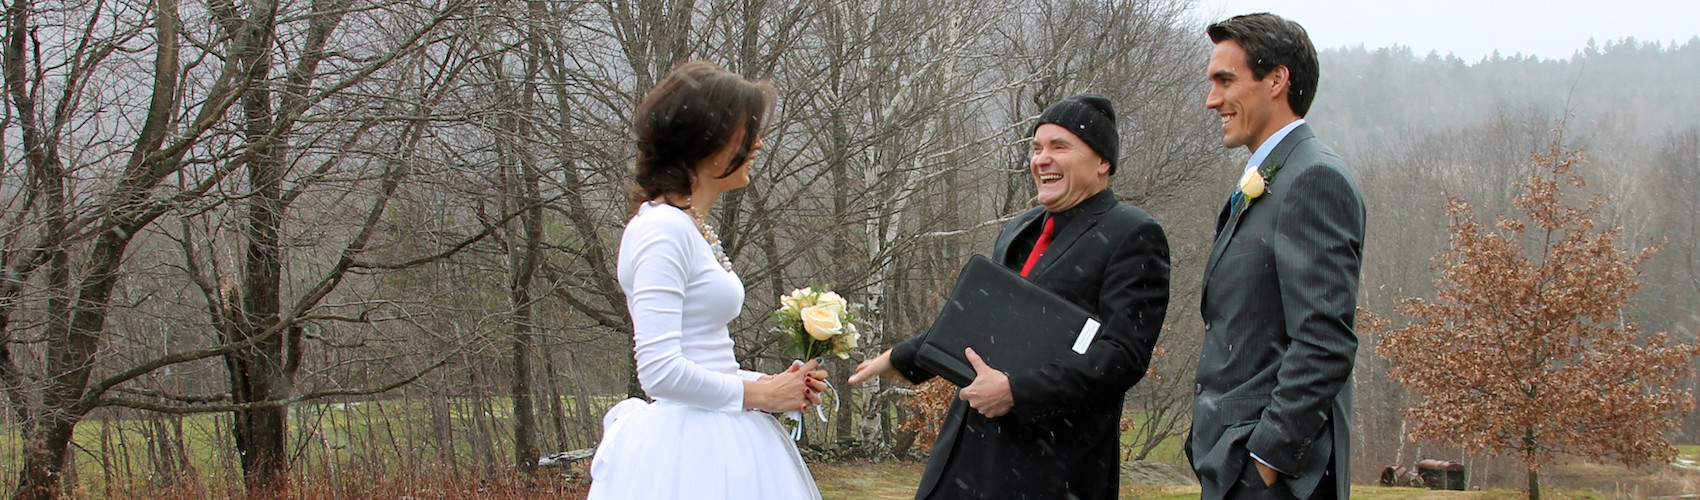 Ryan & Jeff 24Nov2012 - November wedding